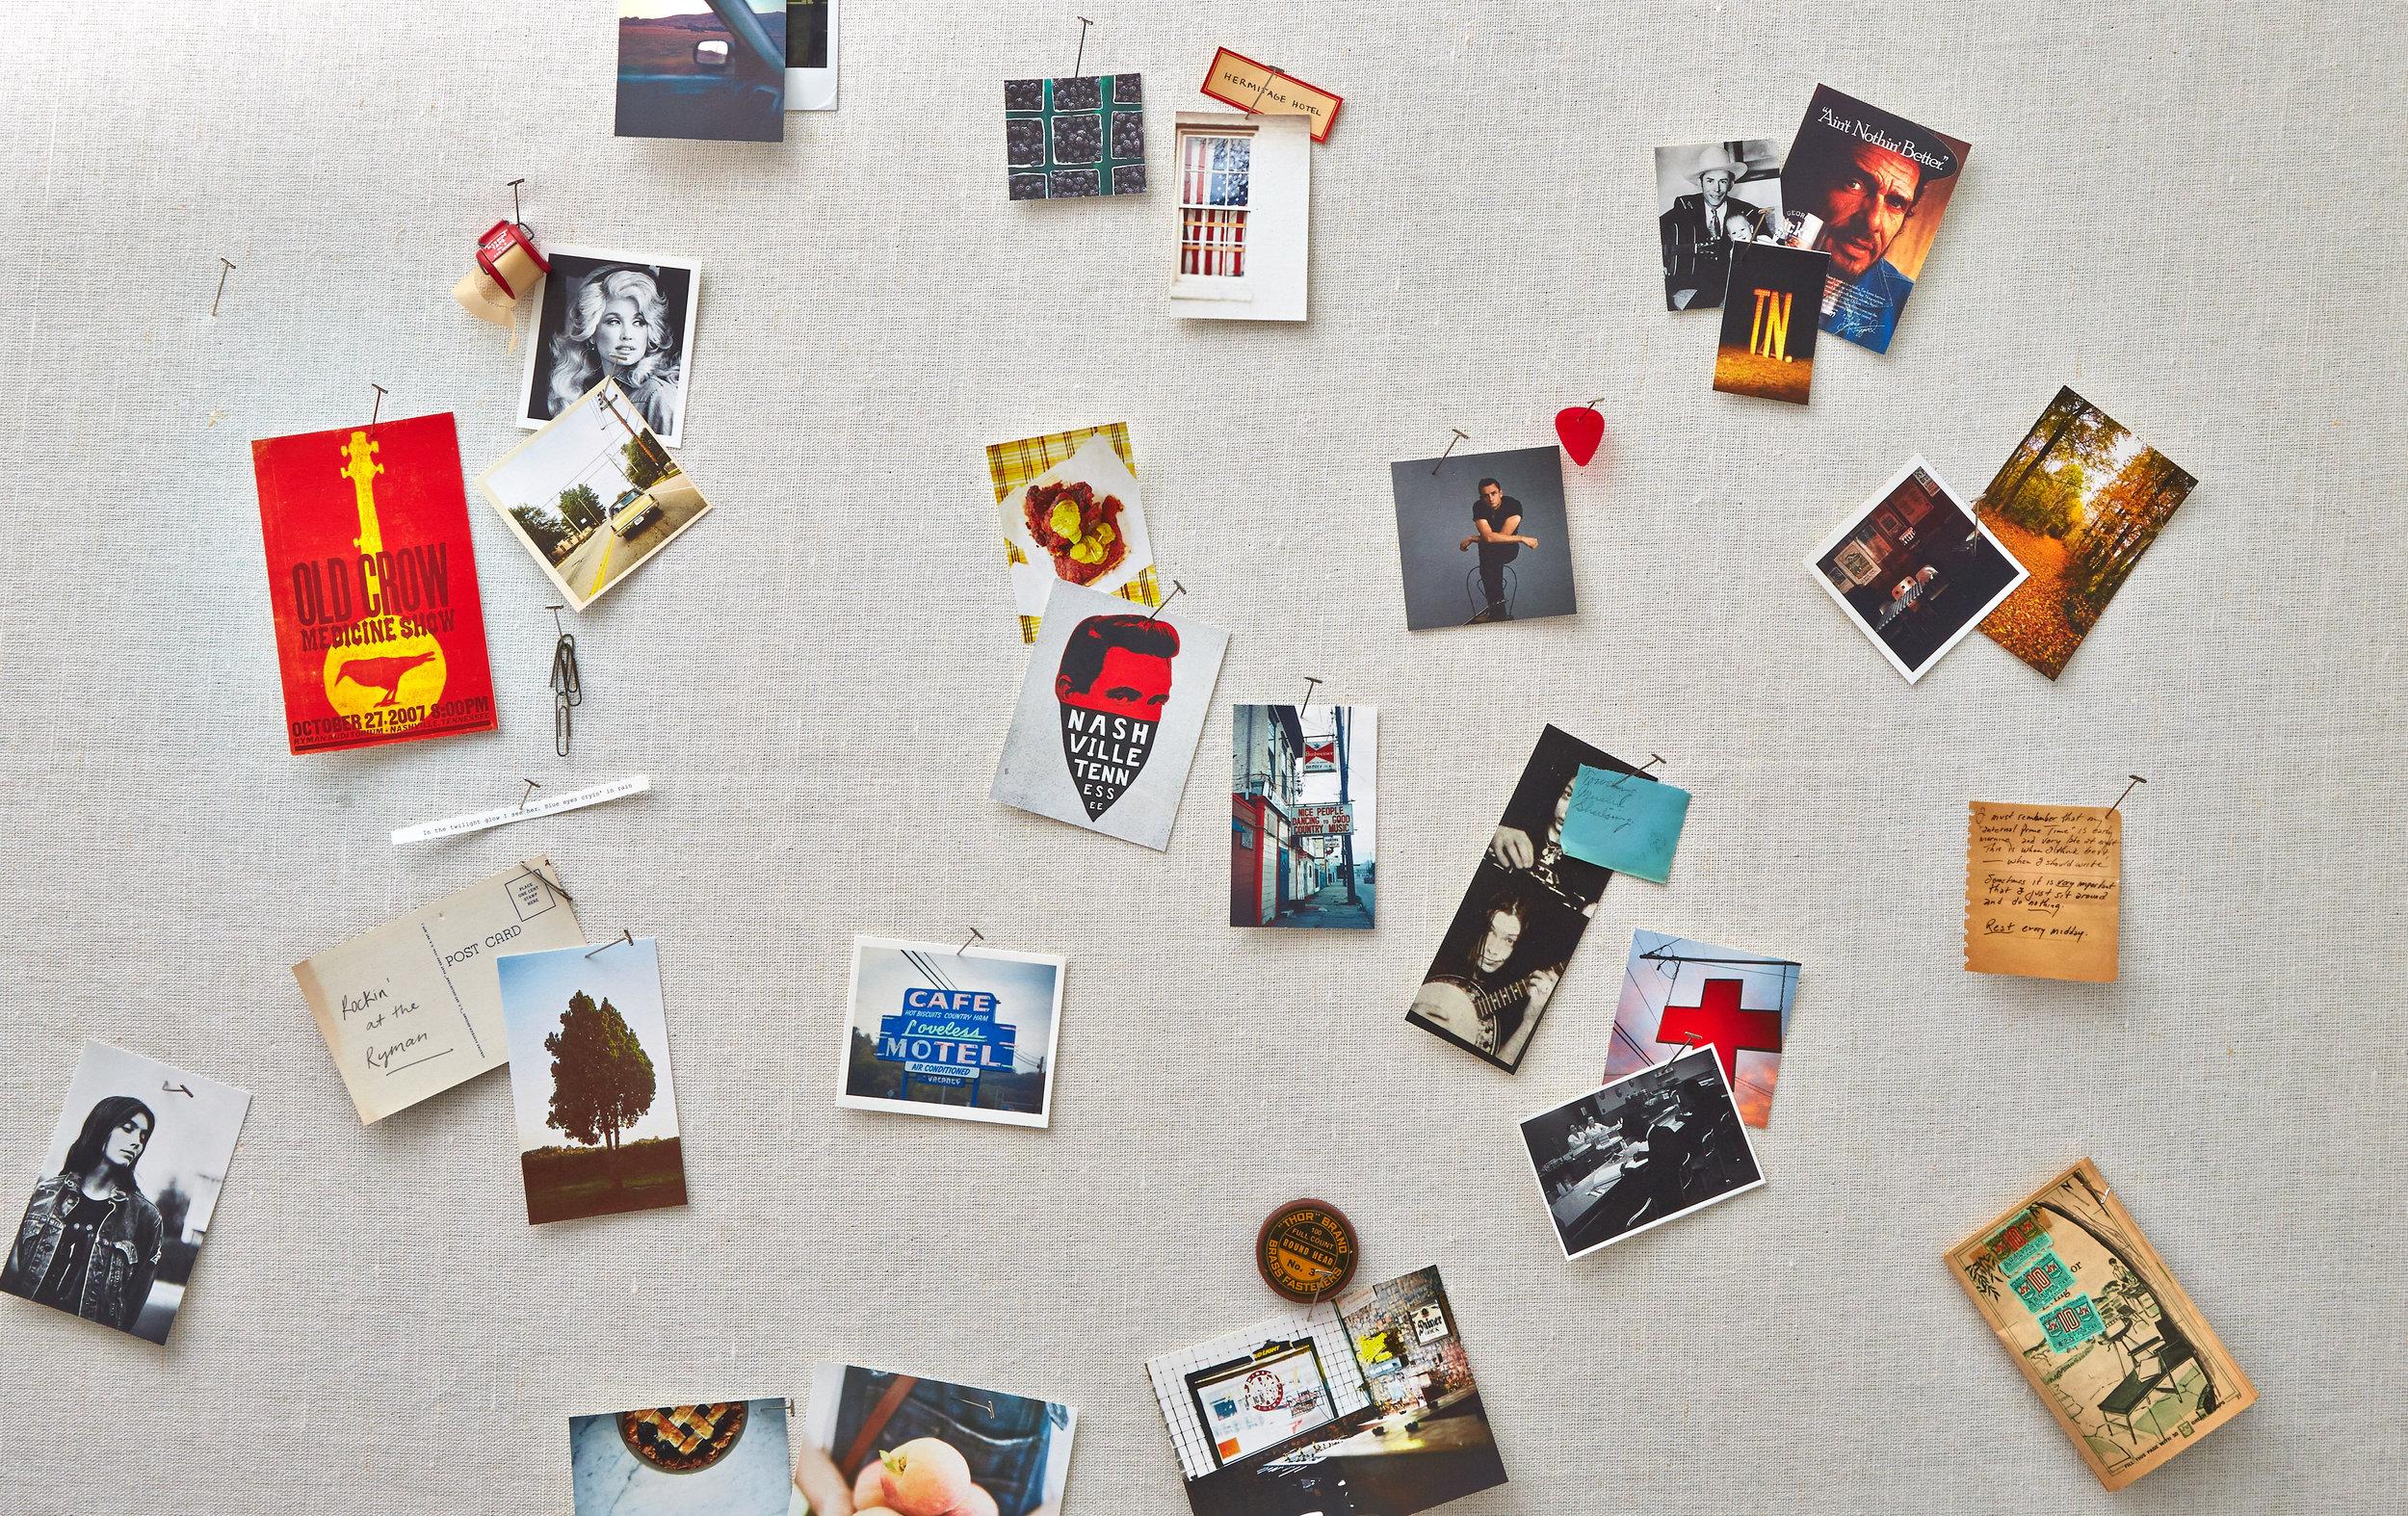 nashville-collage-4.jpg